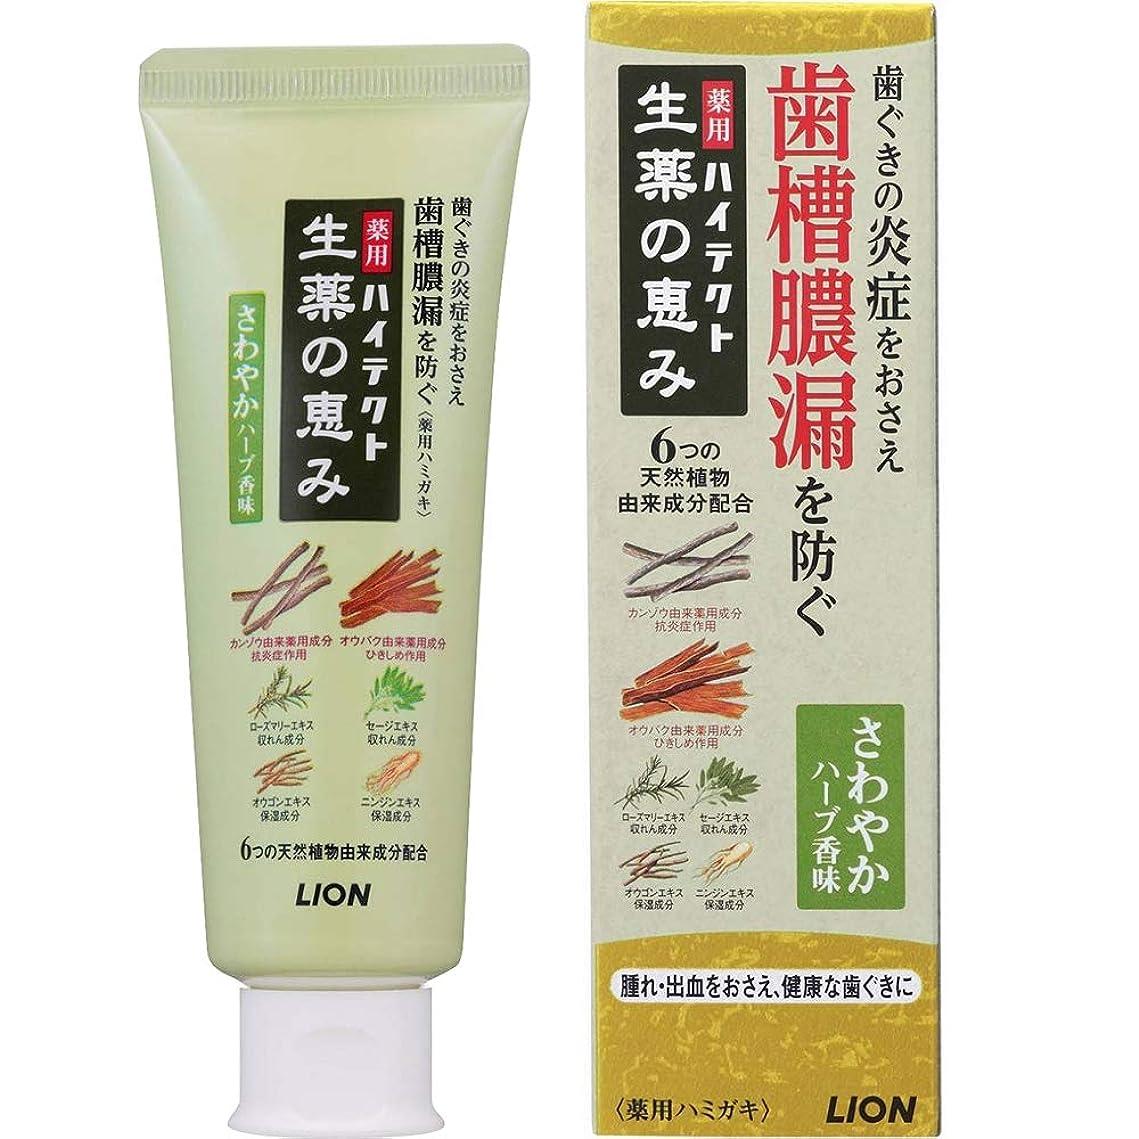 スパイラルアルプスチェリー薬用ハイテクト生薬の恵み さわやかハーブ香味 90g (医薬部外品)